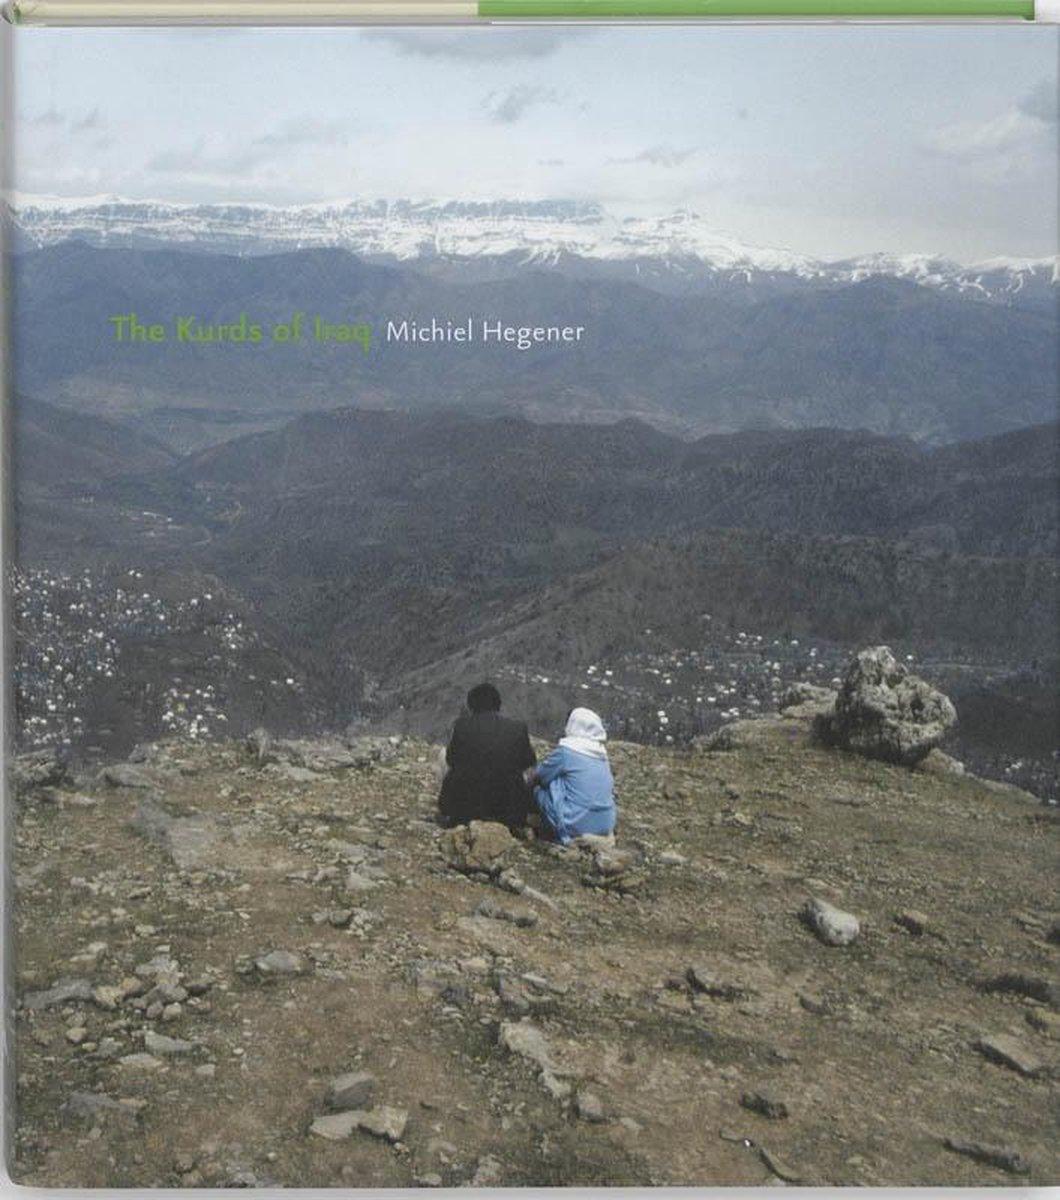 Kurds of Iraq - Michiel Hegener